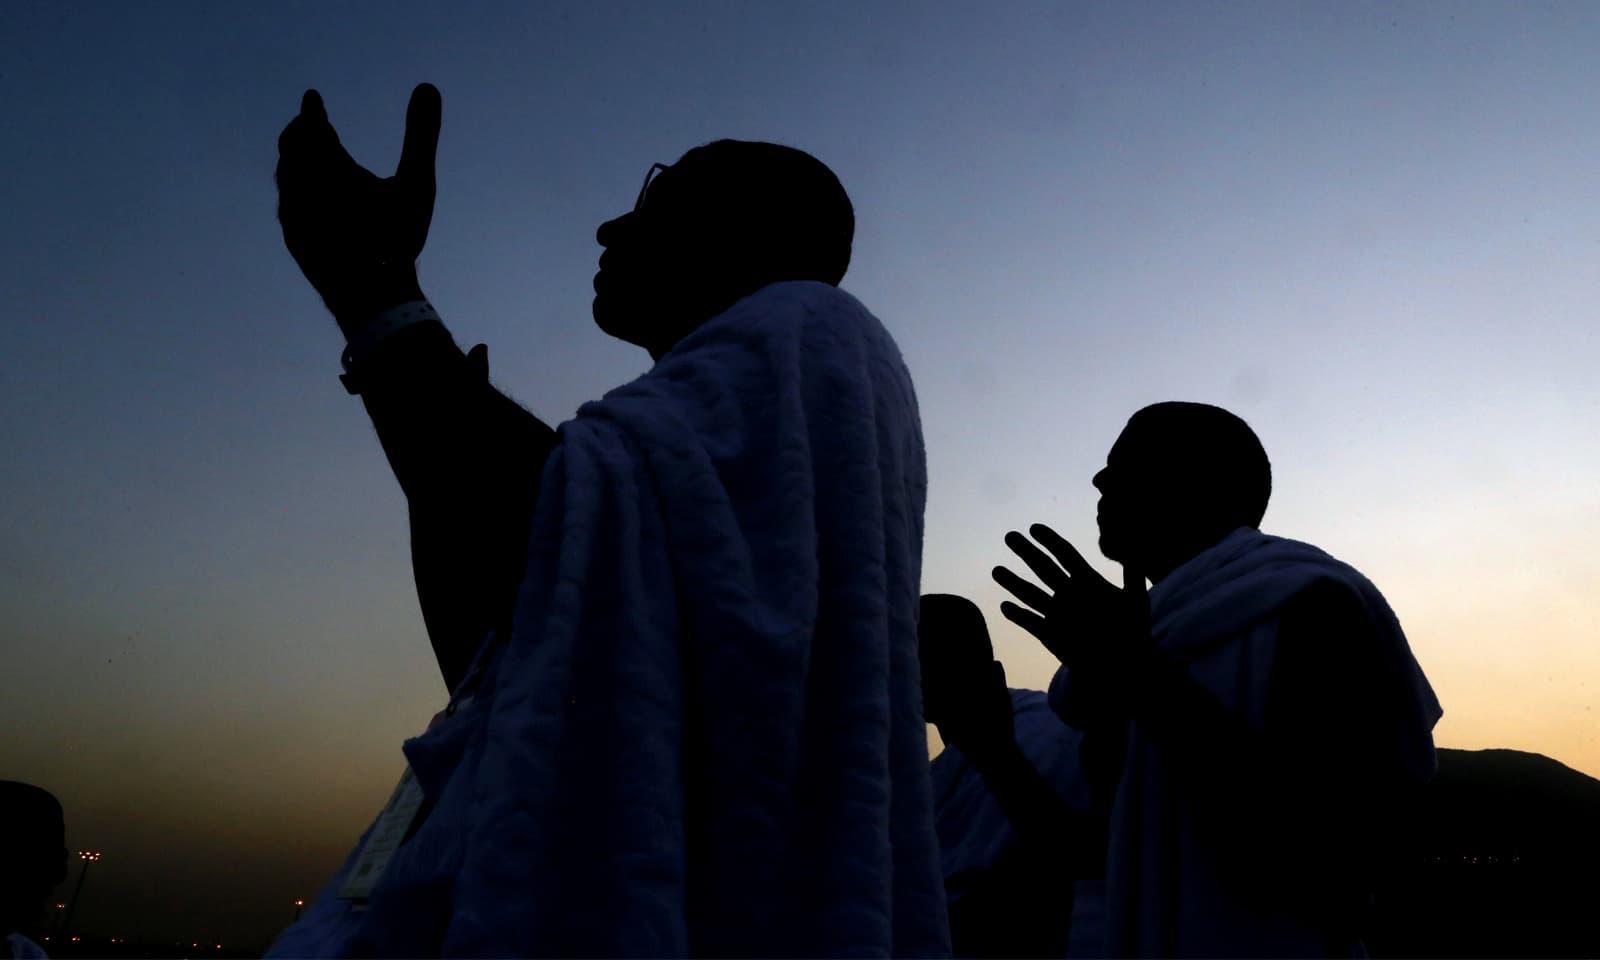 جبل رحمت پر عازمین دعائیں مانگ رہے ہیں —فوٹو: اے پی